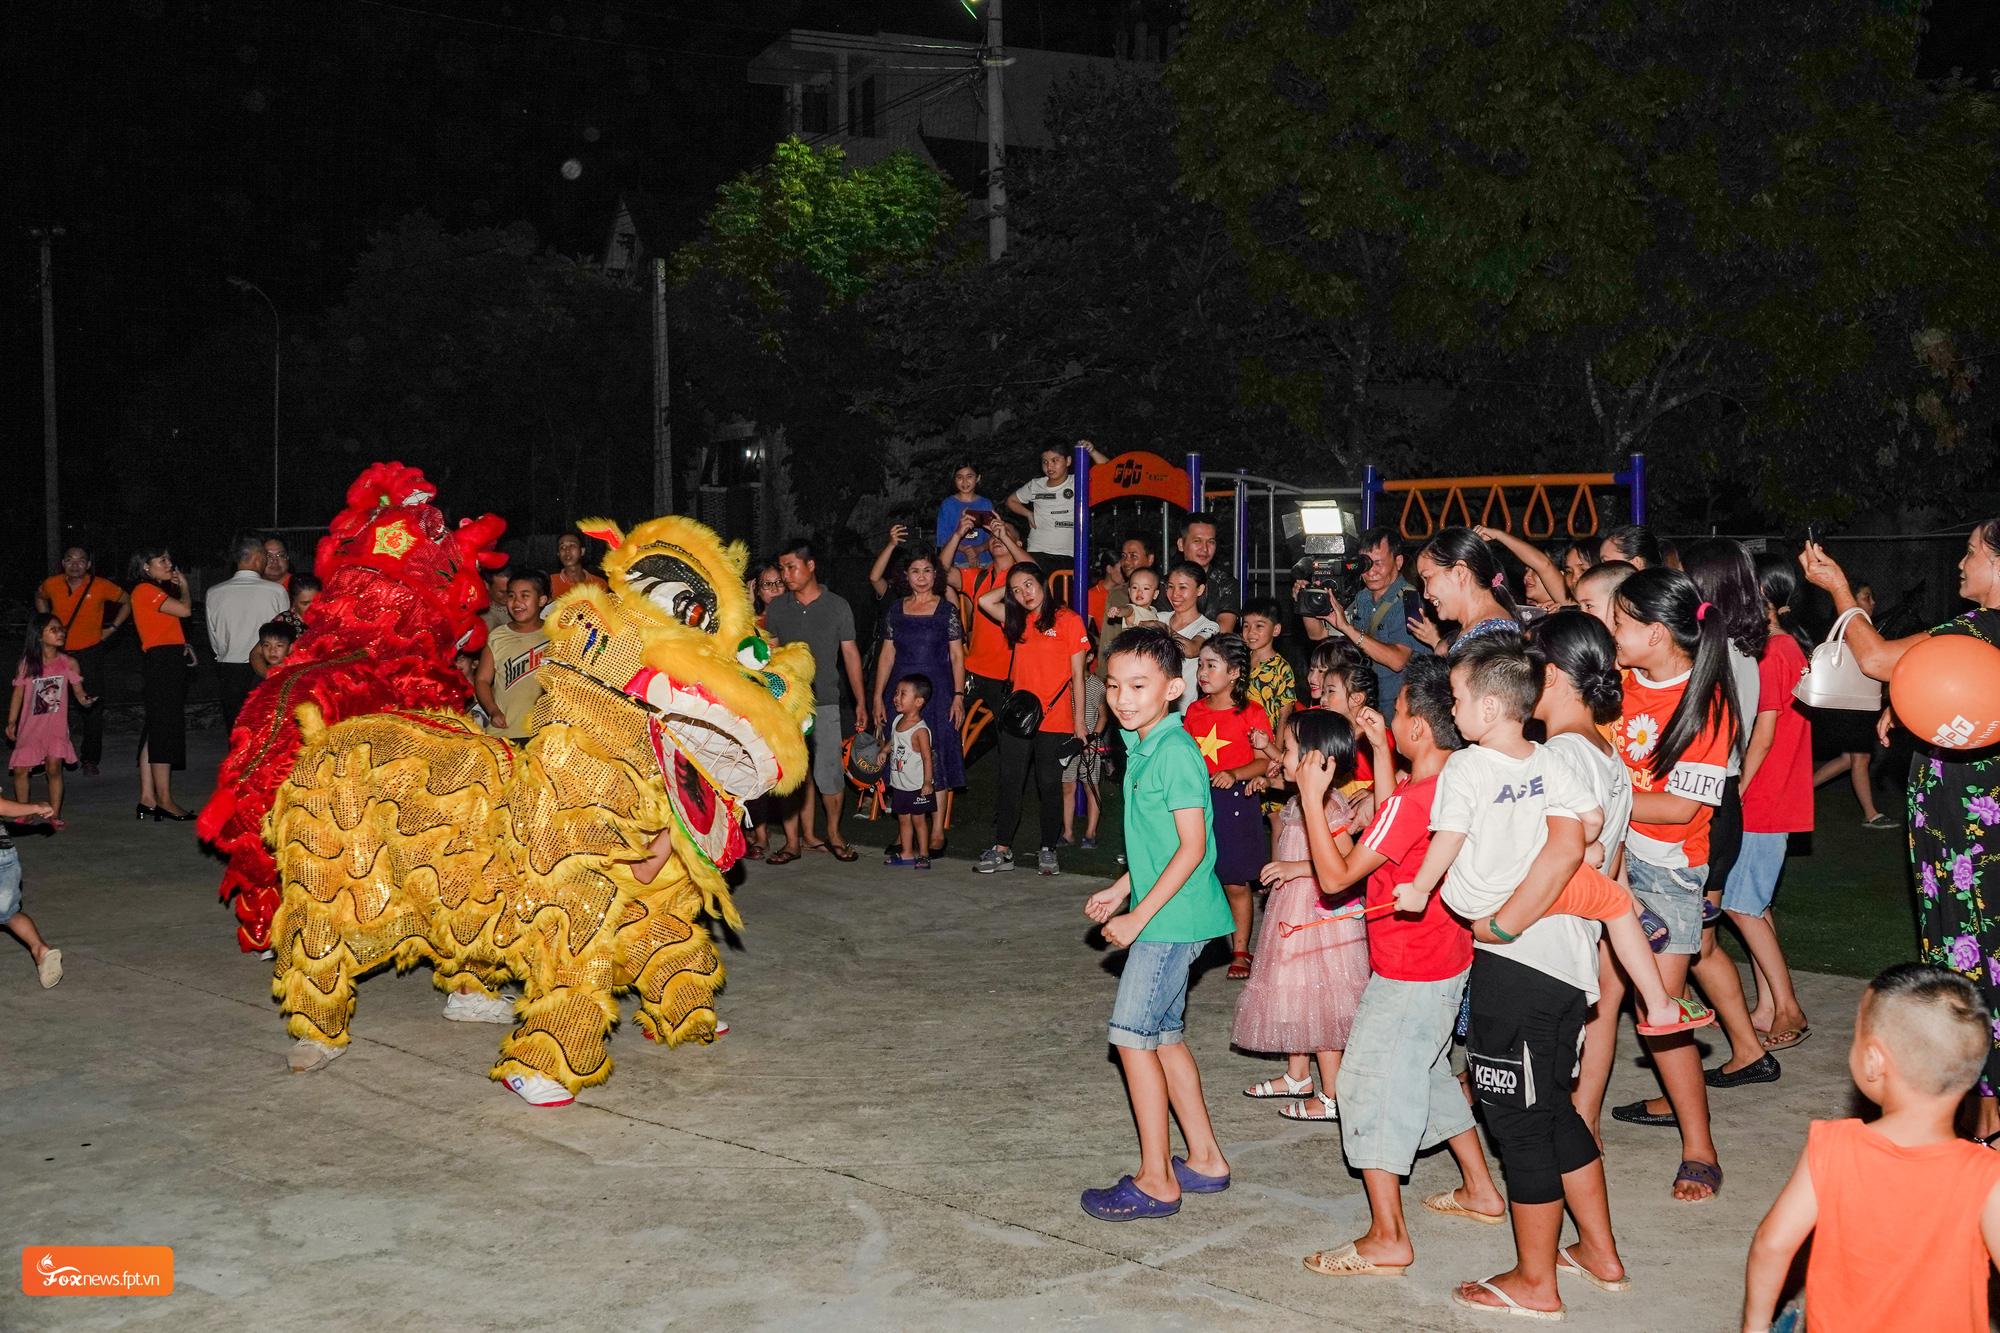 FPT Telecom tổ chức vui Tết Trung thu cho trẻ em tại sân chơi FoxSteps 59 tỉnh thành  - Ảnh 2.